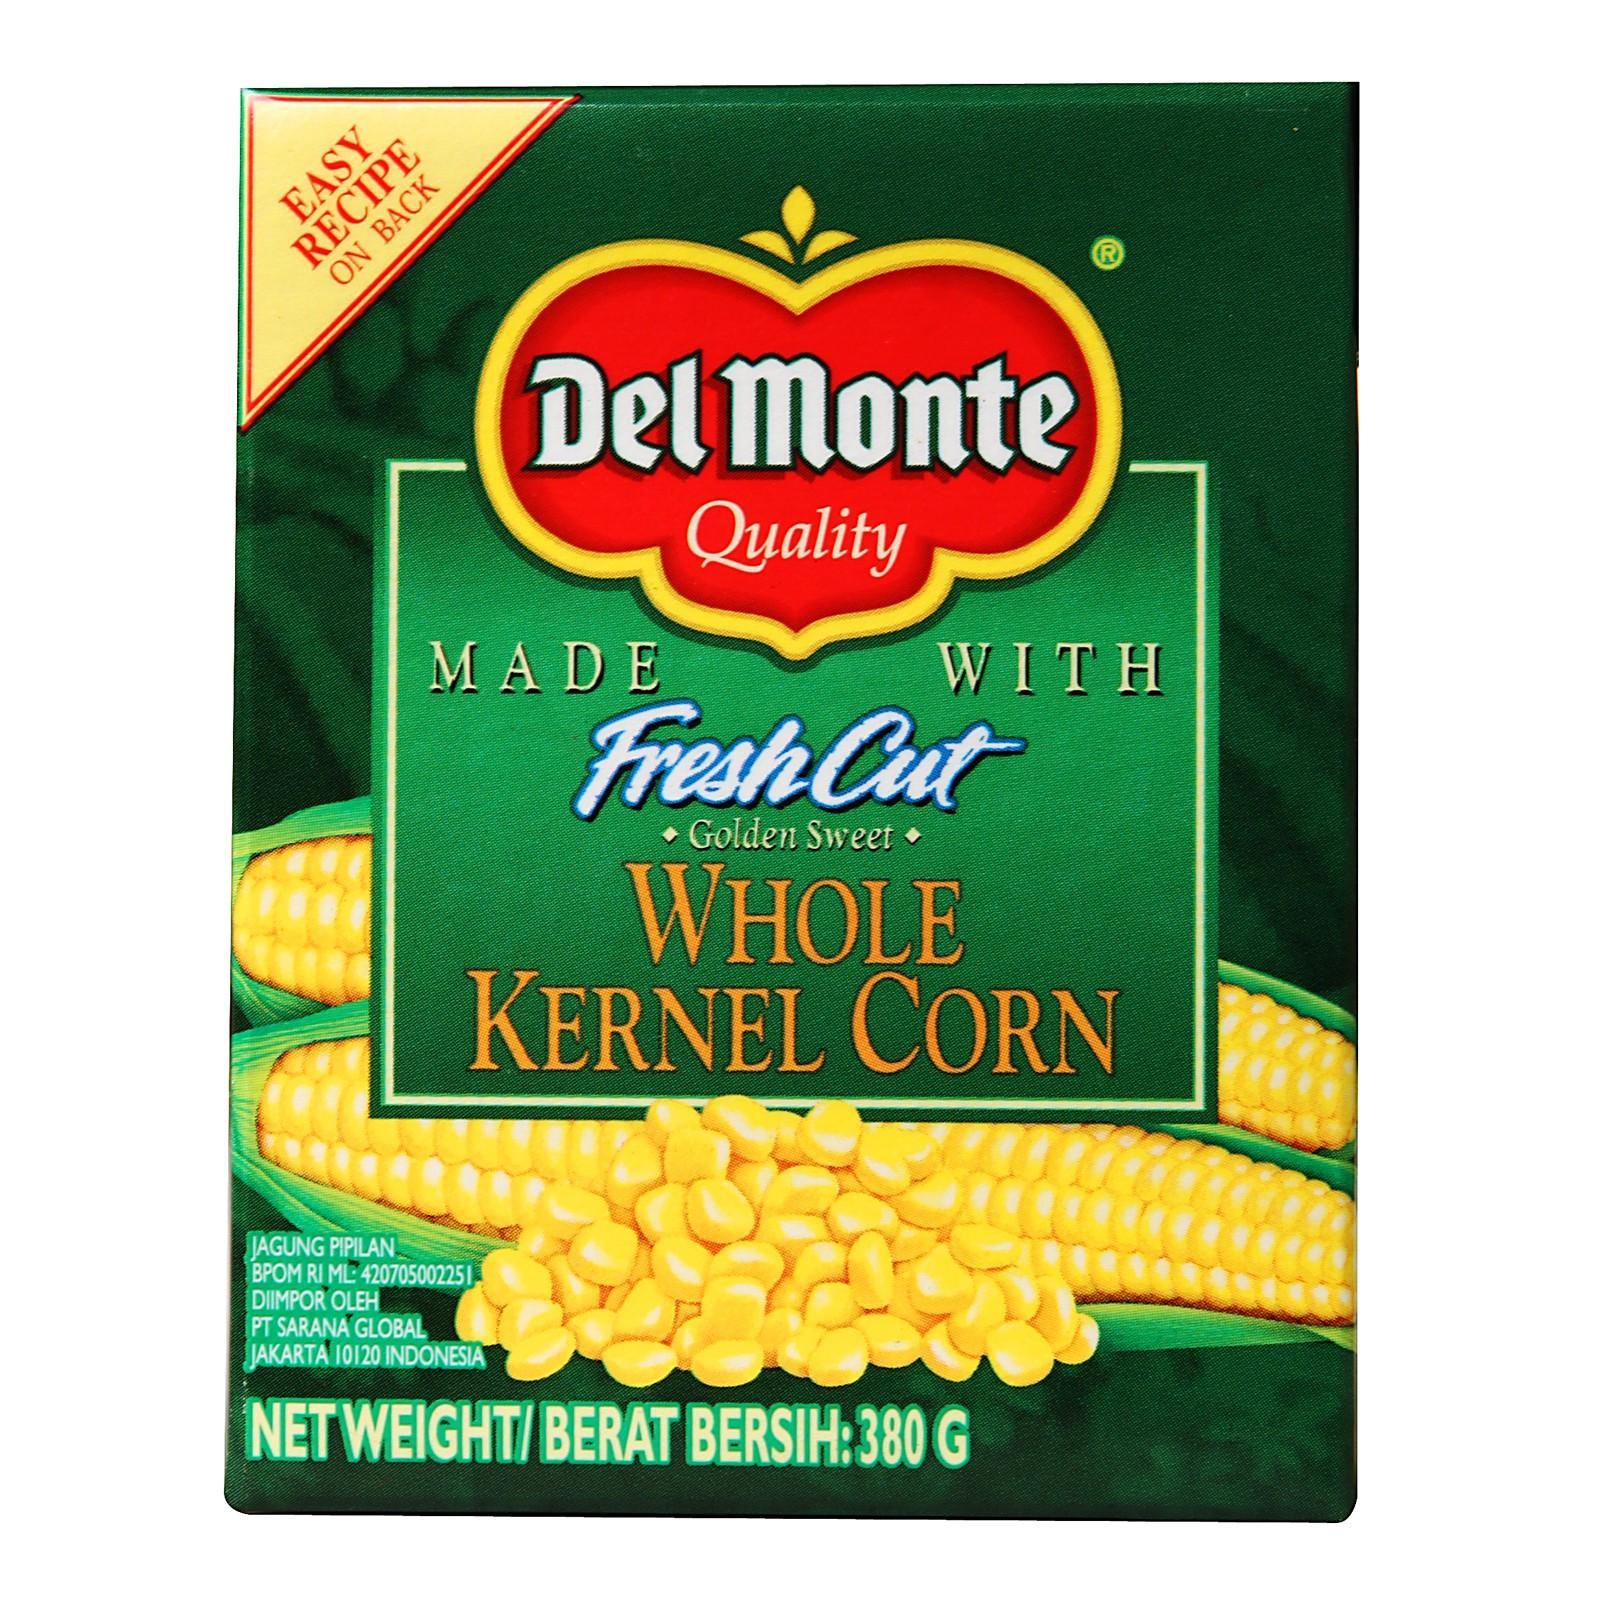 Del Monte Fresh Cut Whole Kernel Corn By Redmart.